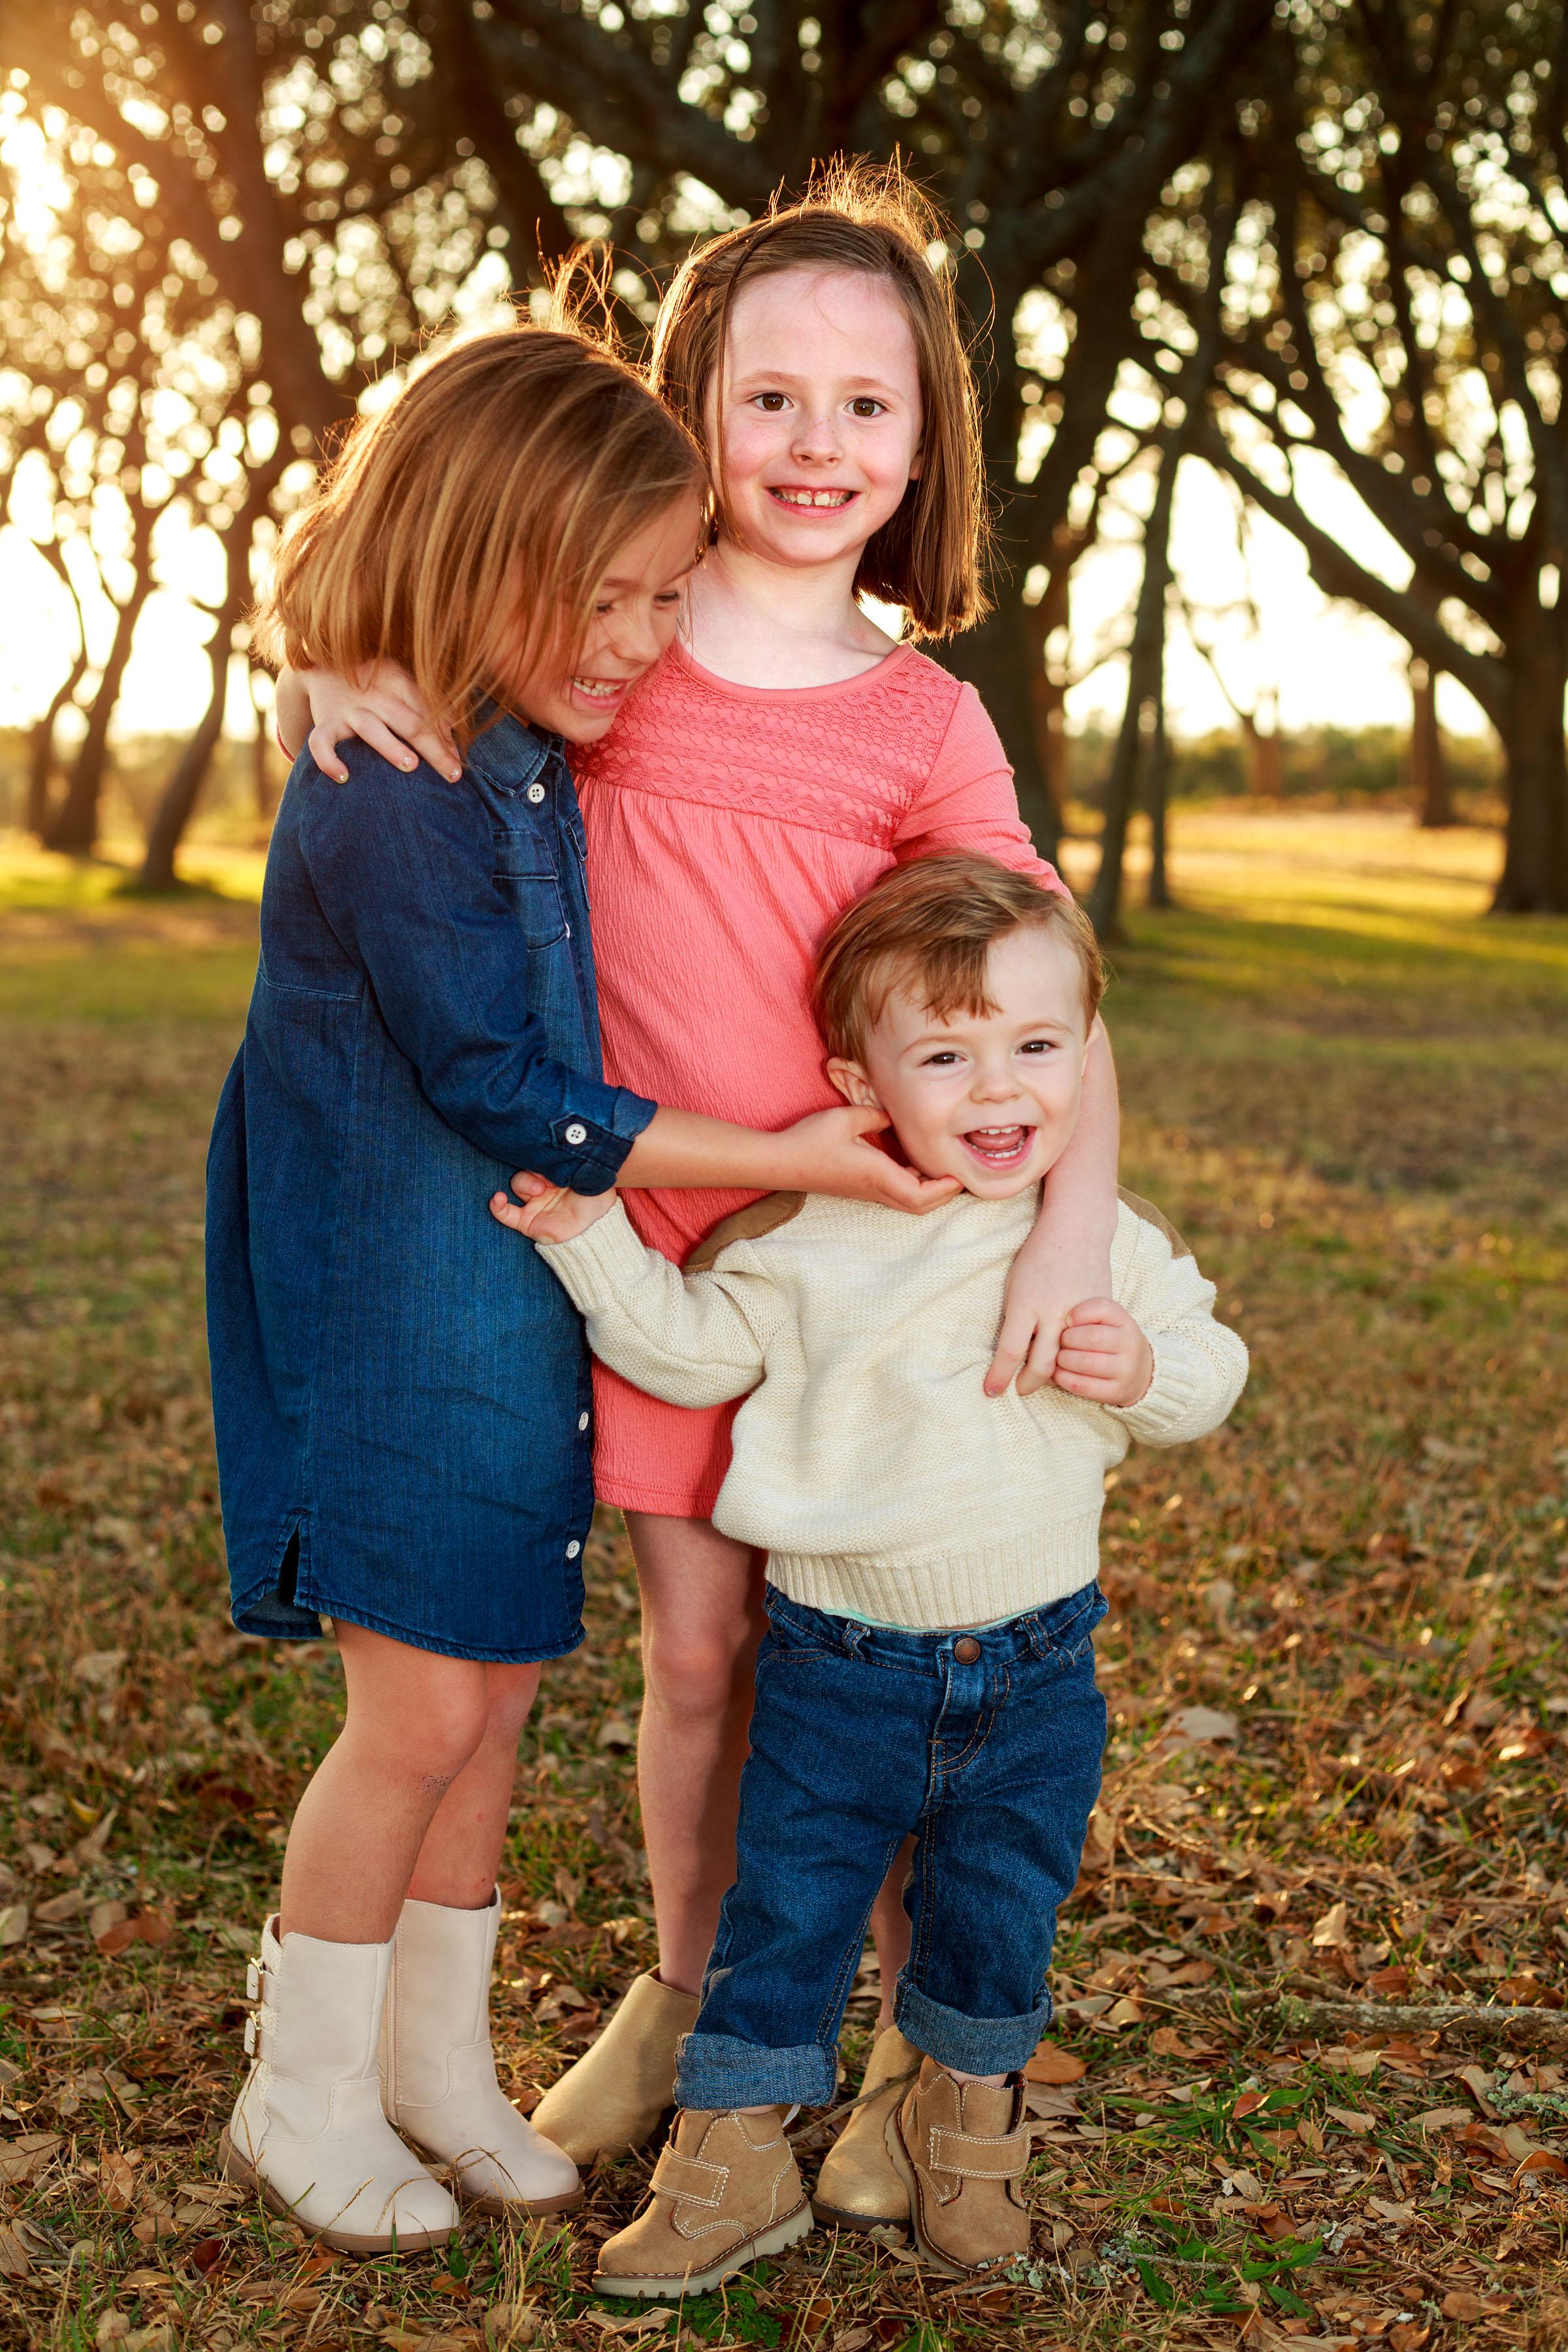 NC_Family_photographer_Tiffany_Abruzzo_Photography_2.jpg